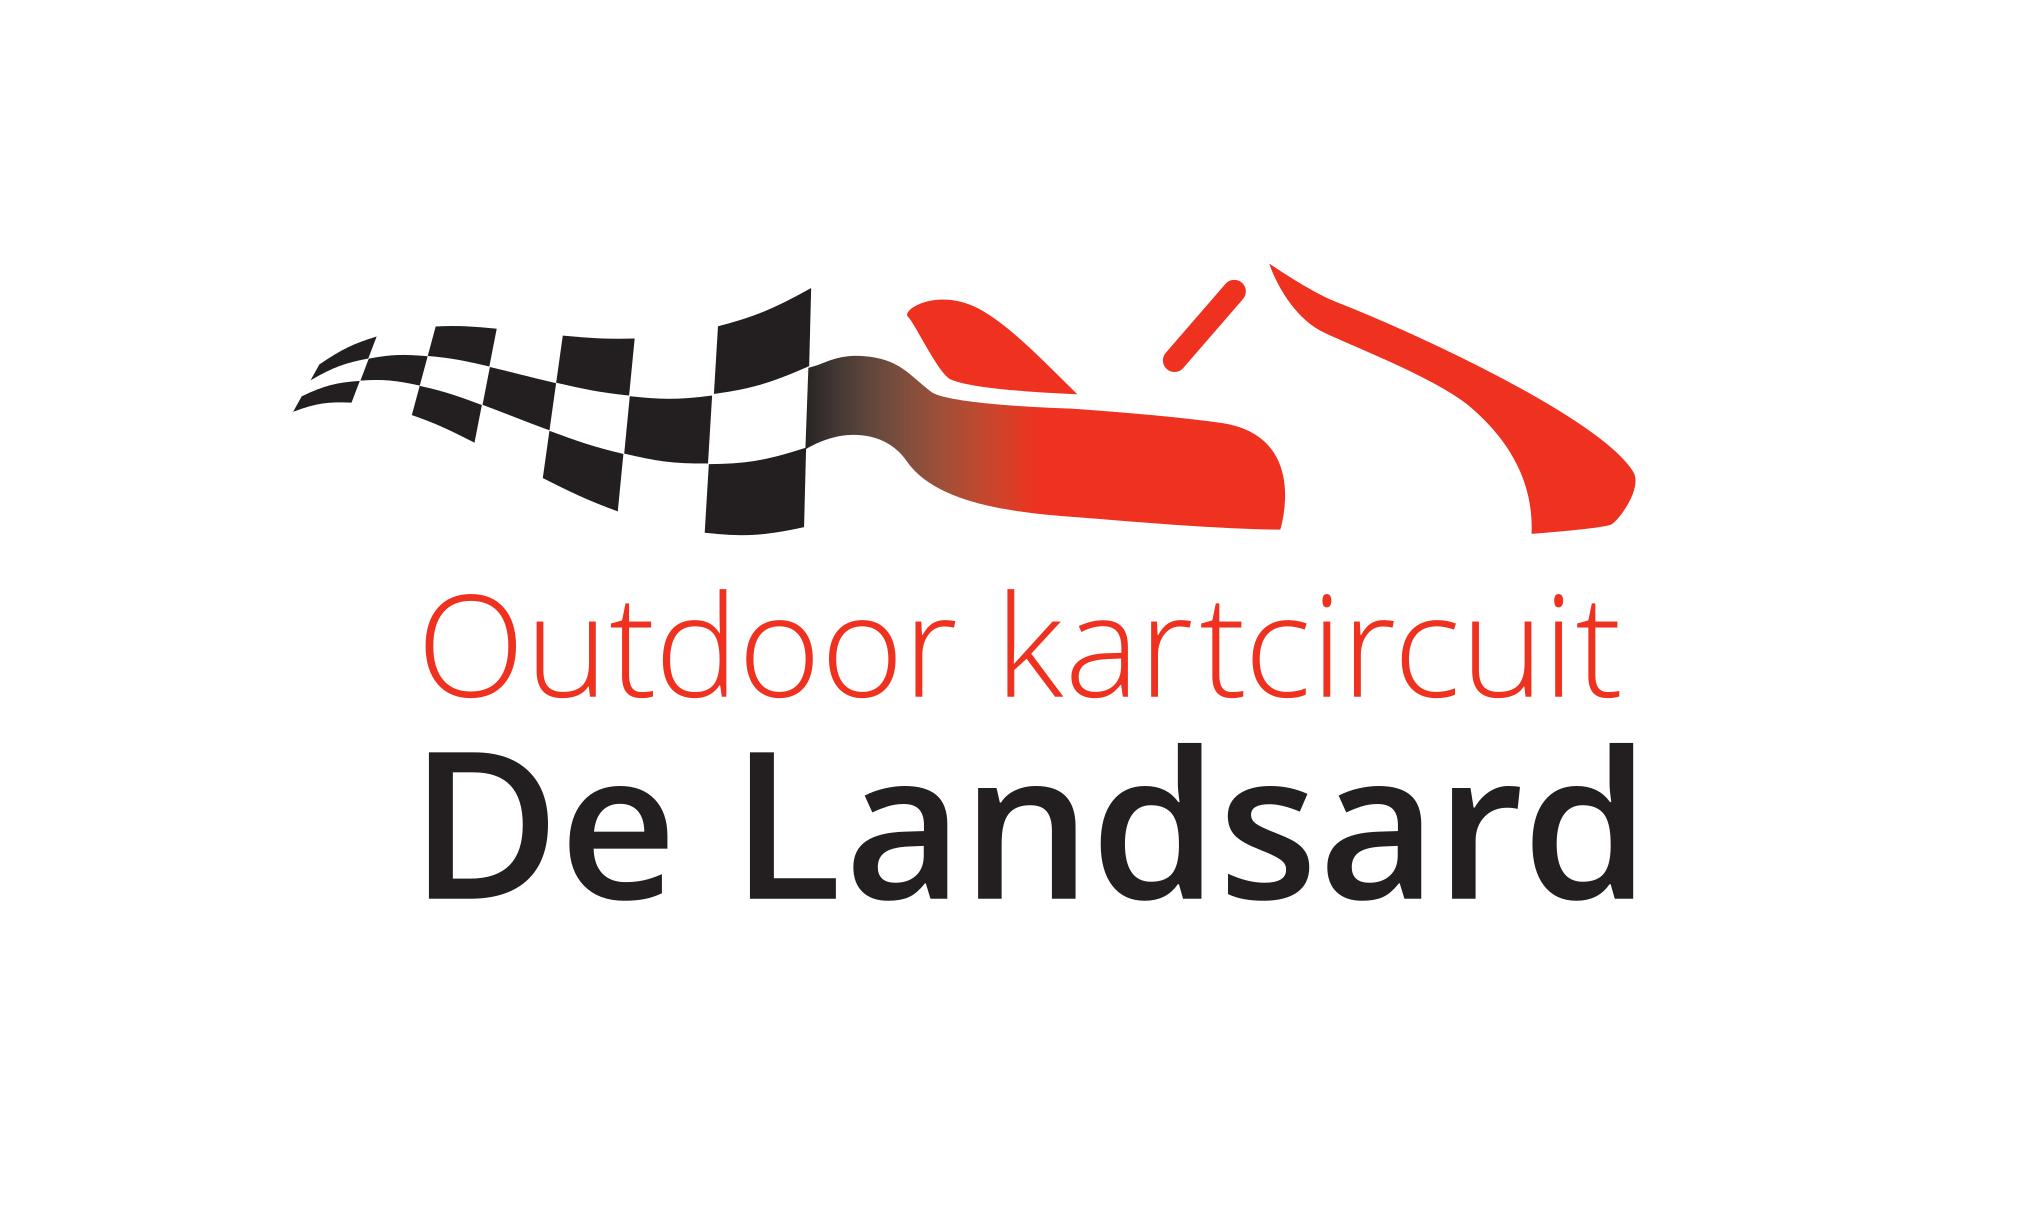 Logo De Landsard Transparant Voor Op Witte Achtergrond